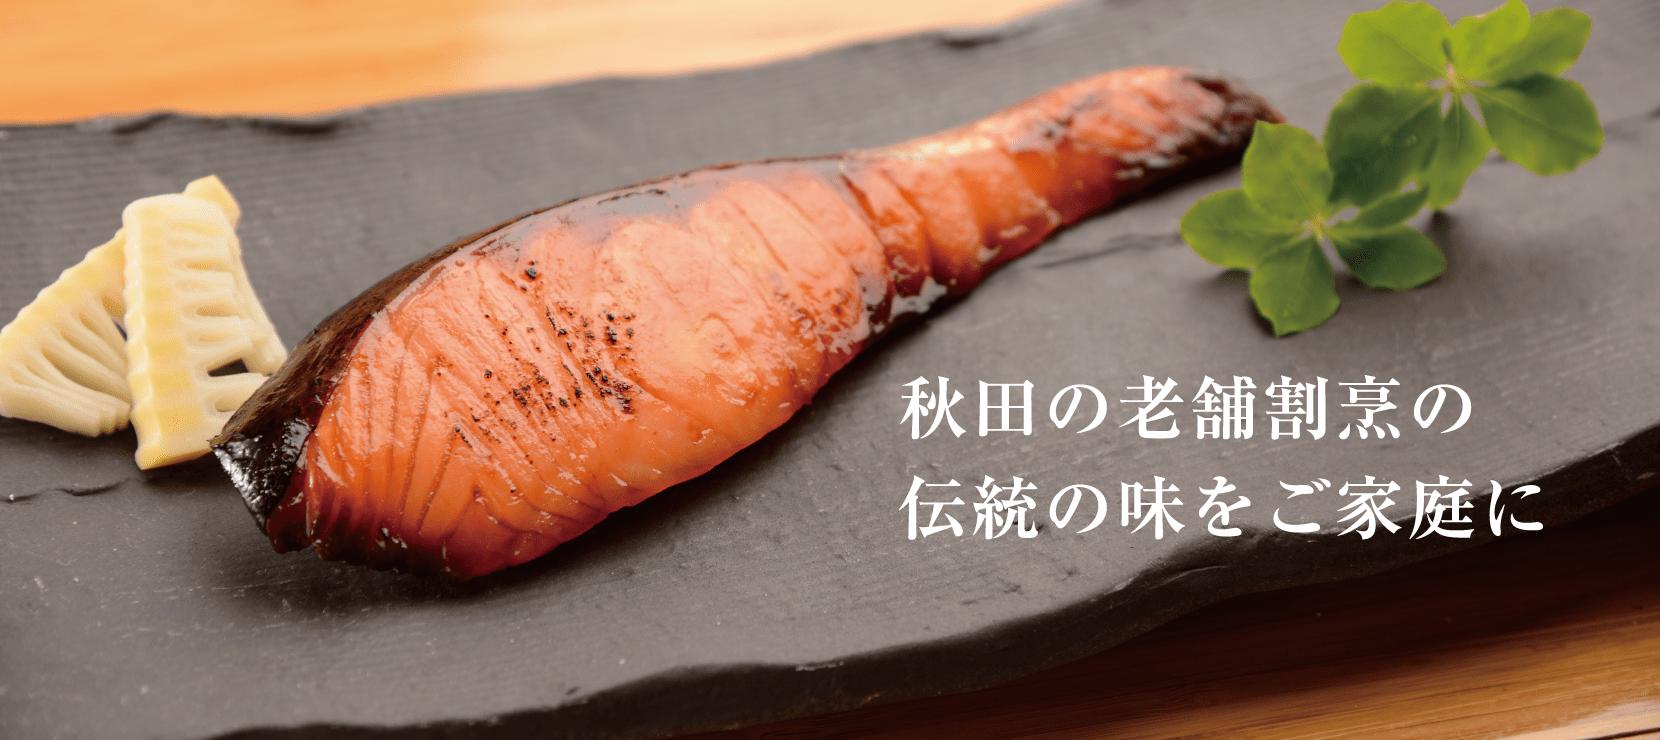 秋田の老舗割烹の伝統の味をご家庭に